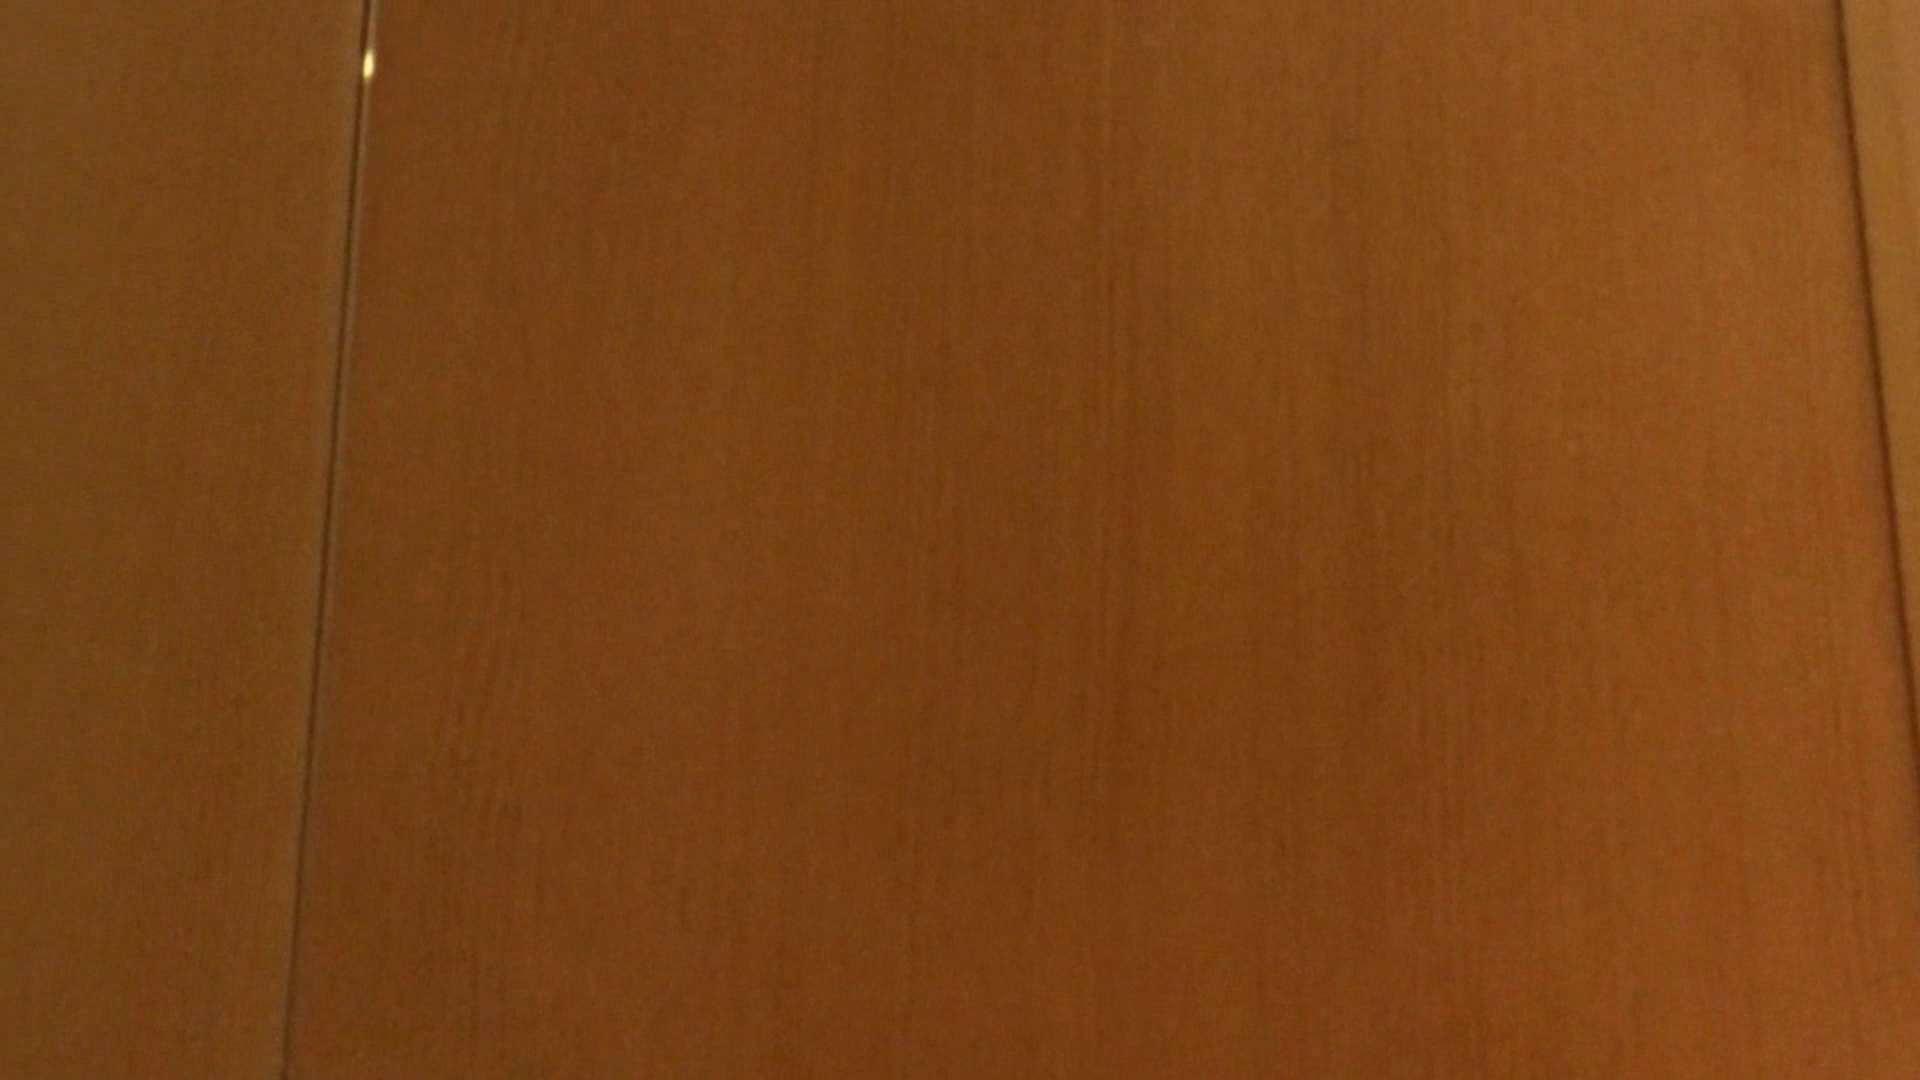 「噂」の国の厠観察日記2 Vol.08 OLハメ撮り  111Pix 80